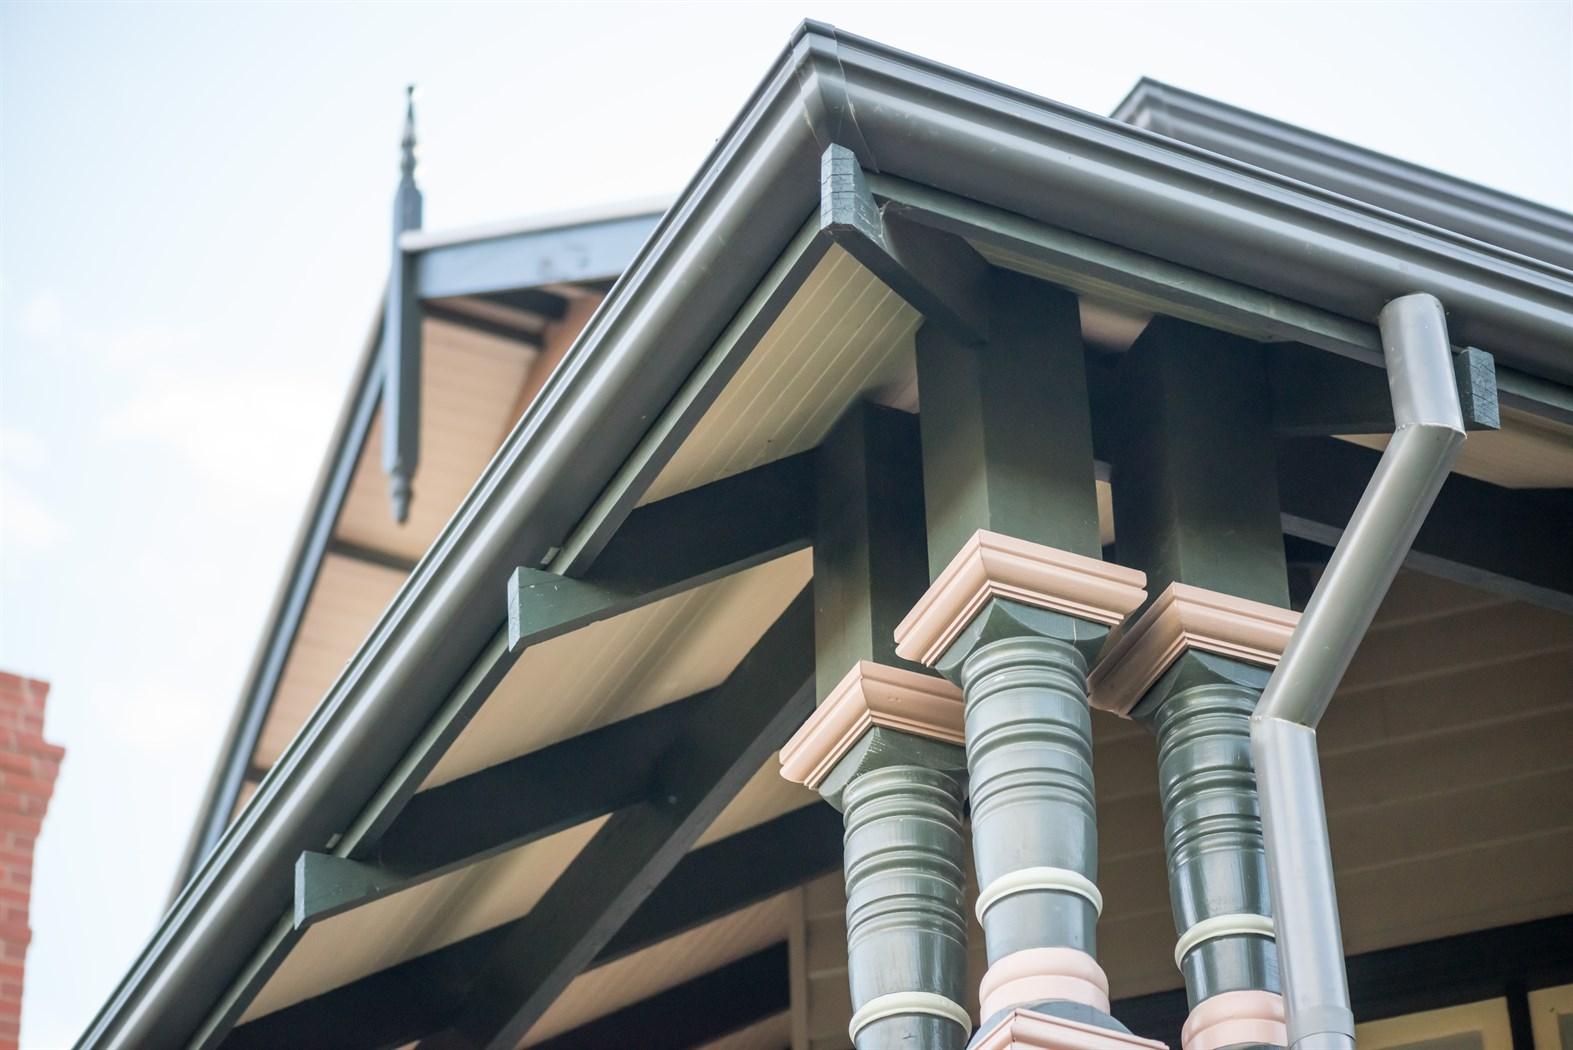 Decorative Timber Finials